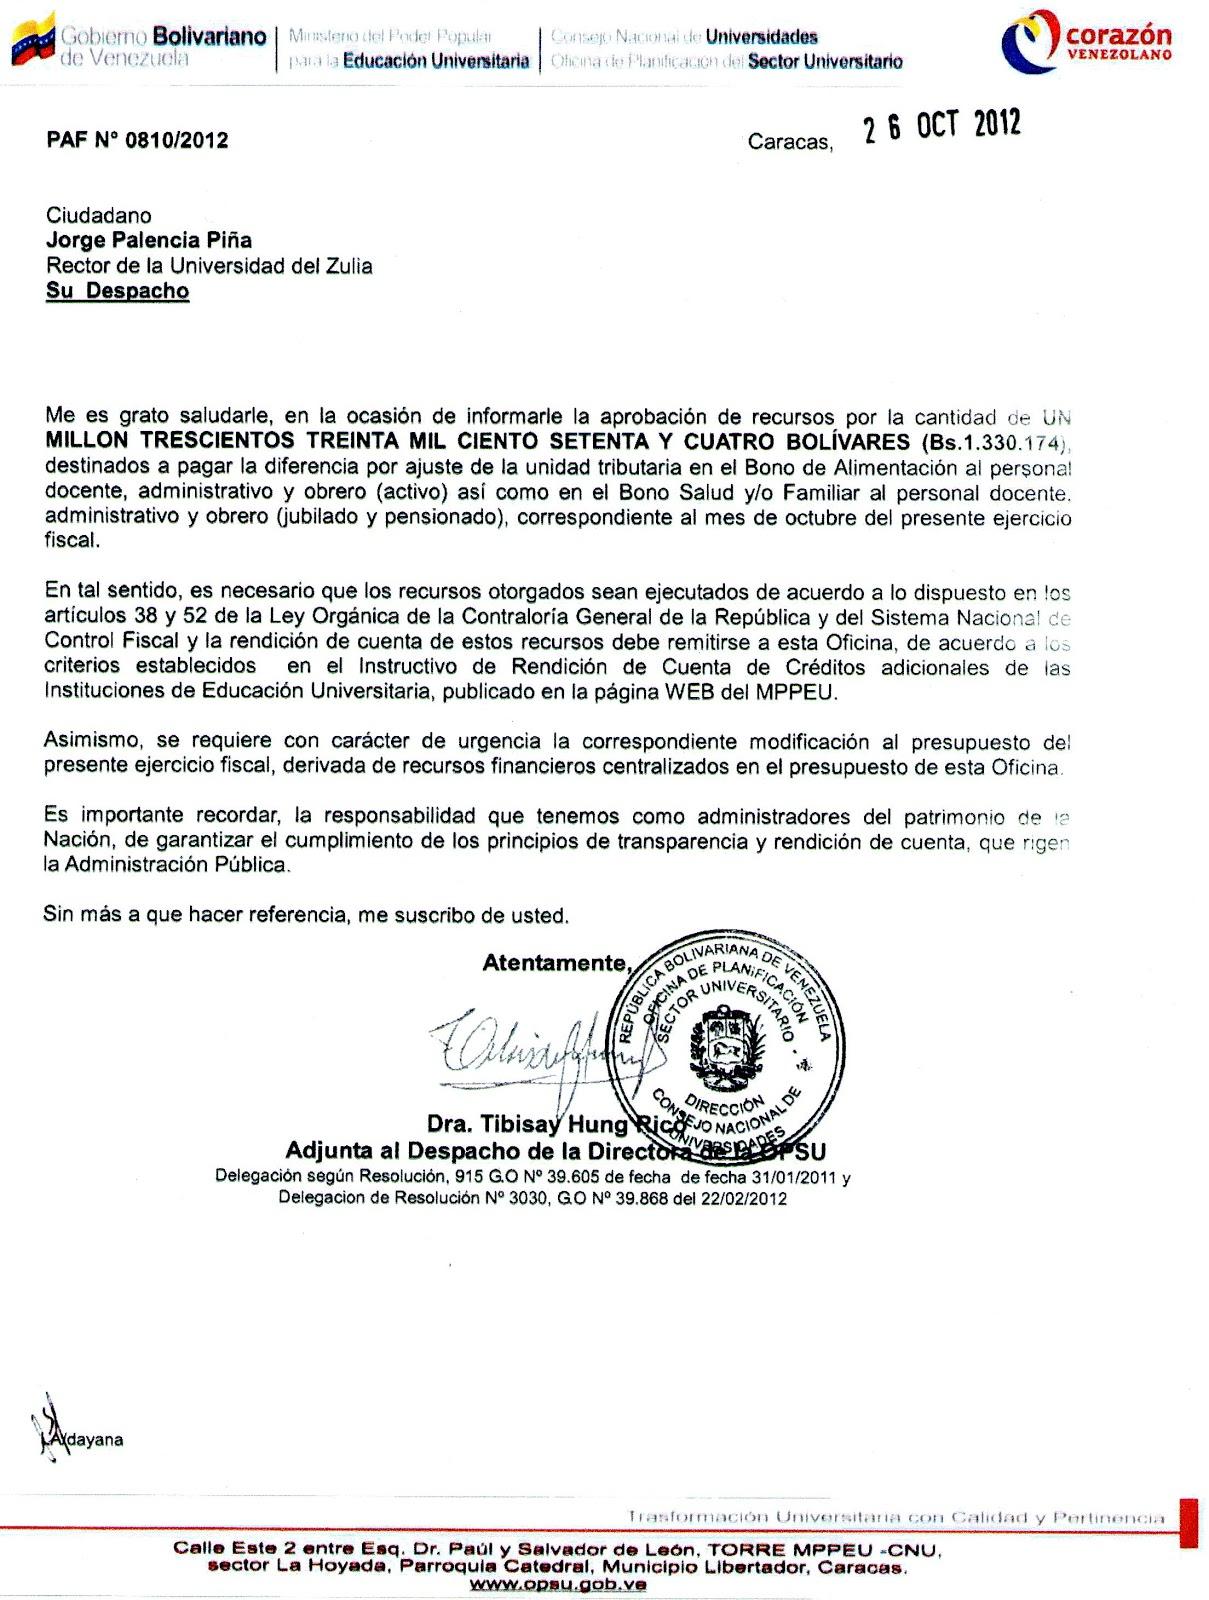 Cartelera gremial actualizaci n de la ut bono for Solicitud de chequera banco venezuela